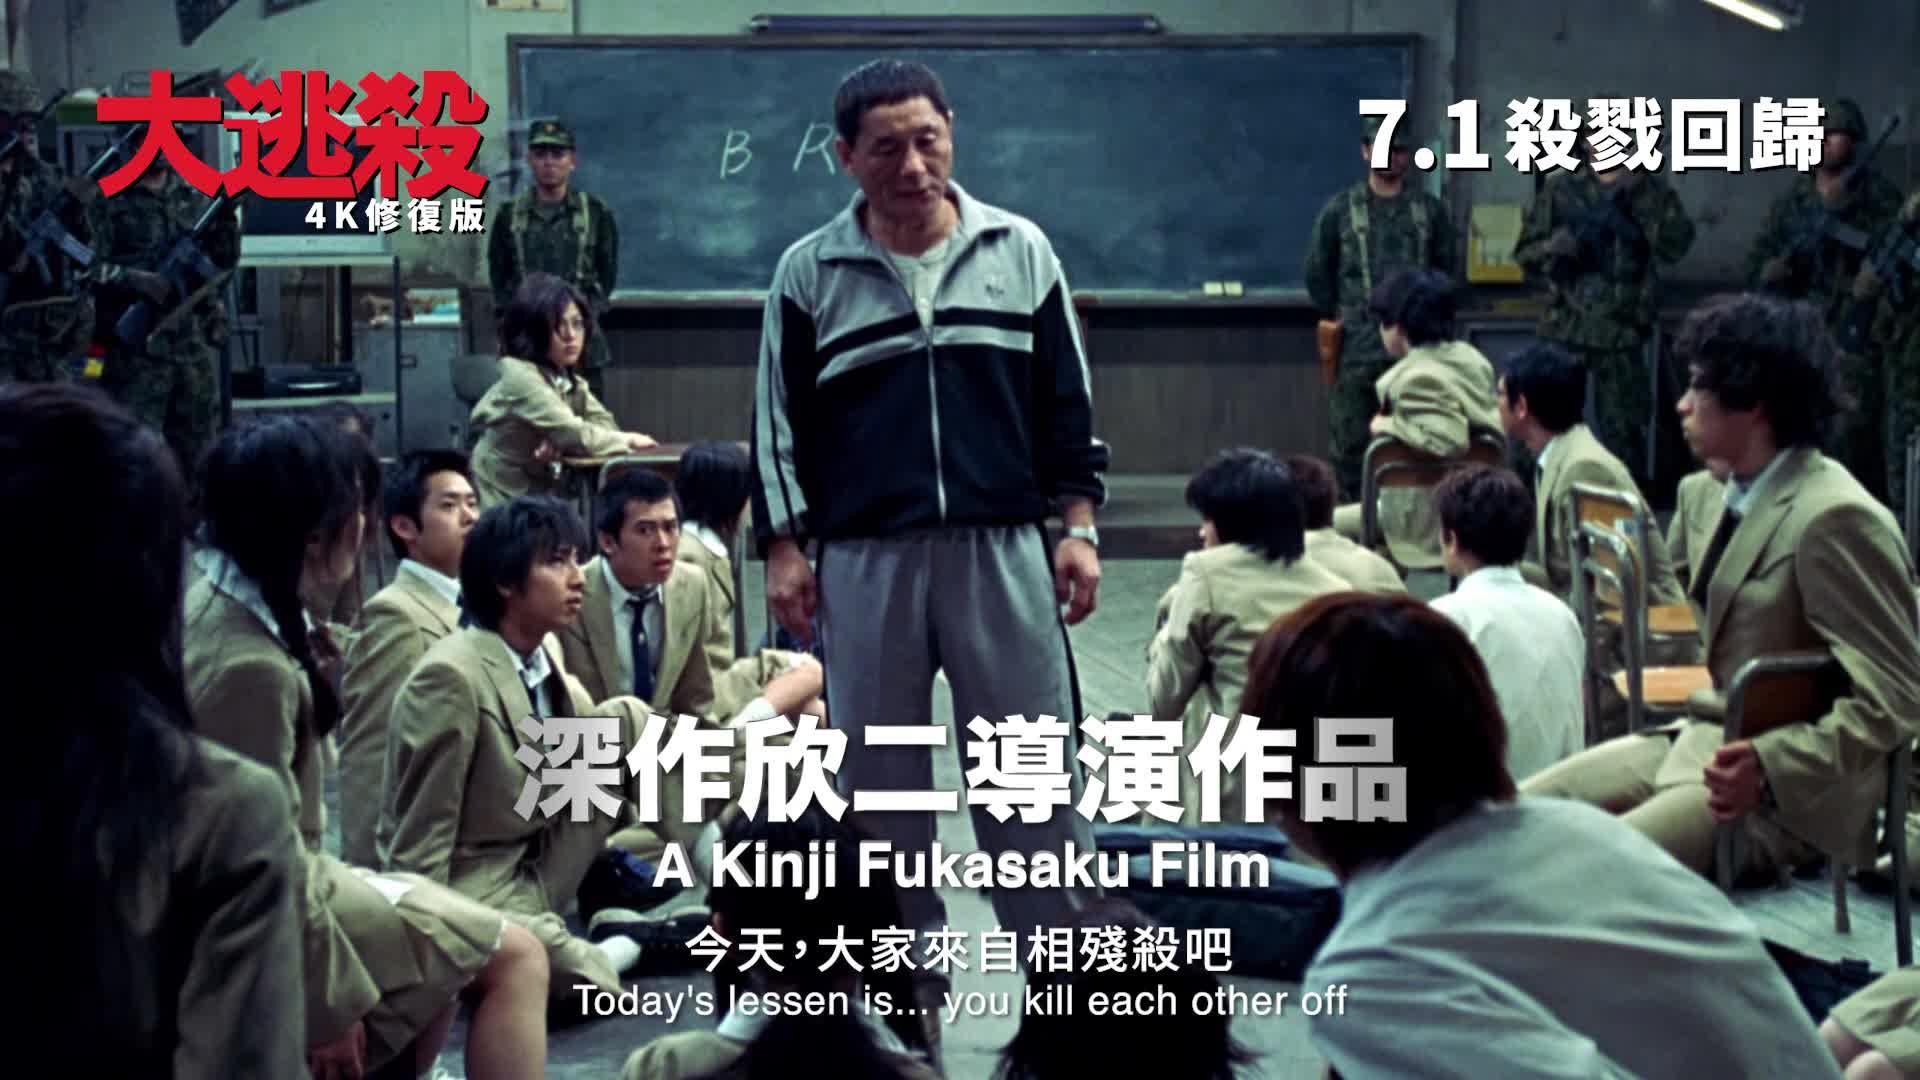 《大逃殺》4K版 電影預告